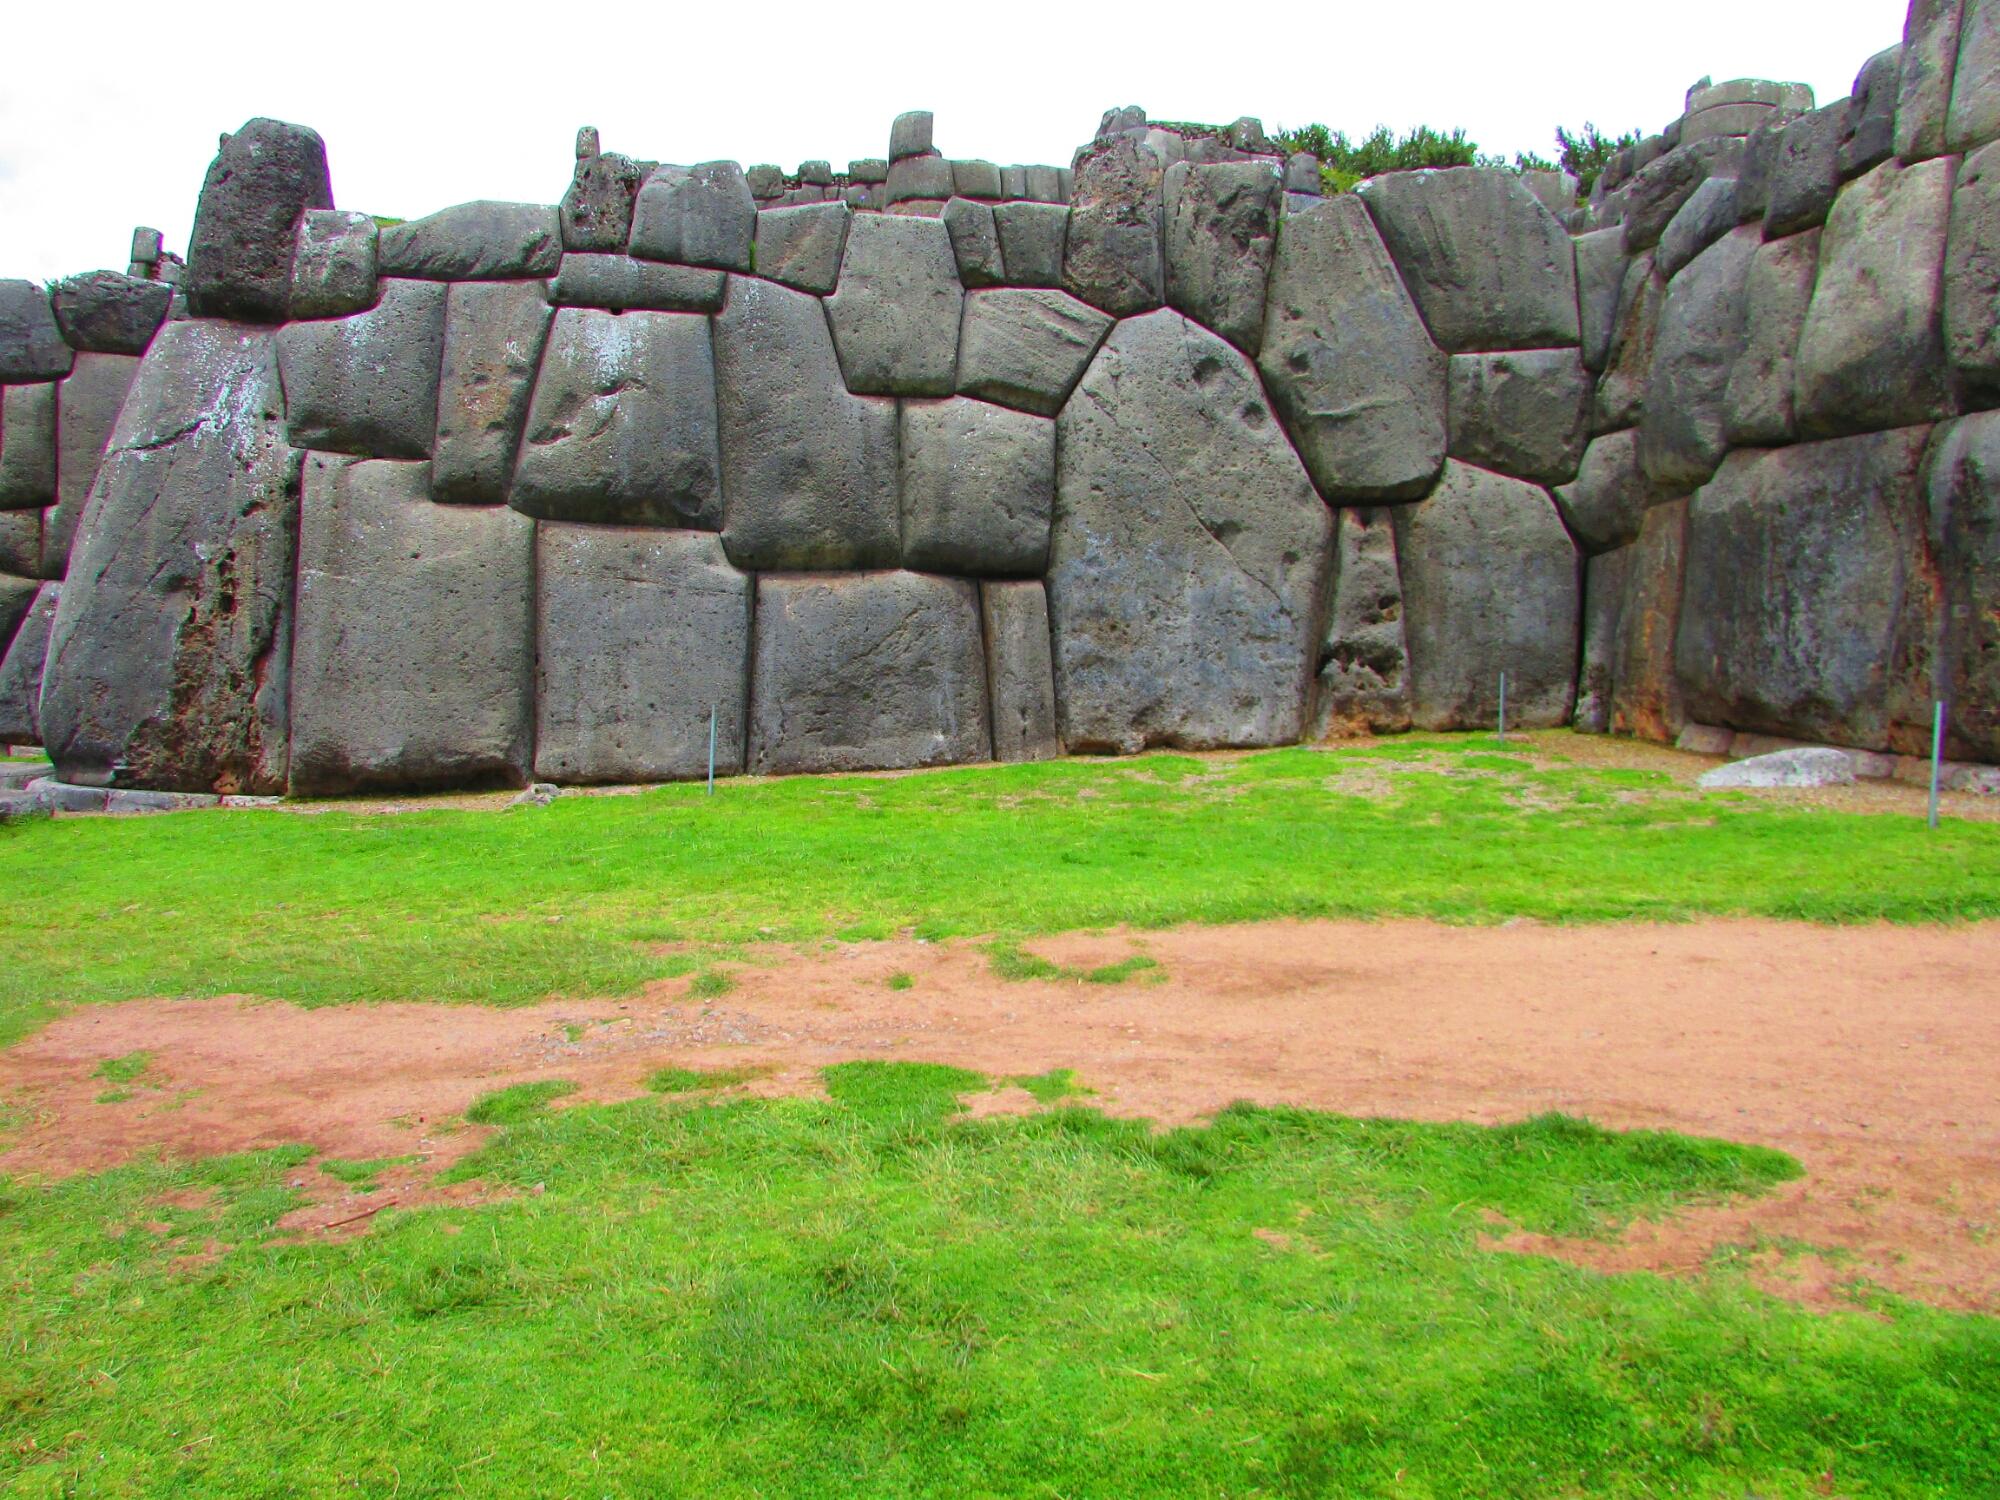 la gran fortaleza inca de Sacsayhuamán donde los habitantes de Cuzco se refugiaban en caso de  conflicto